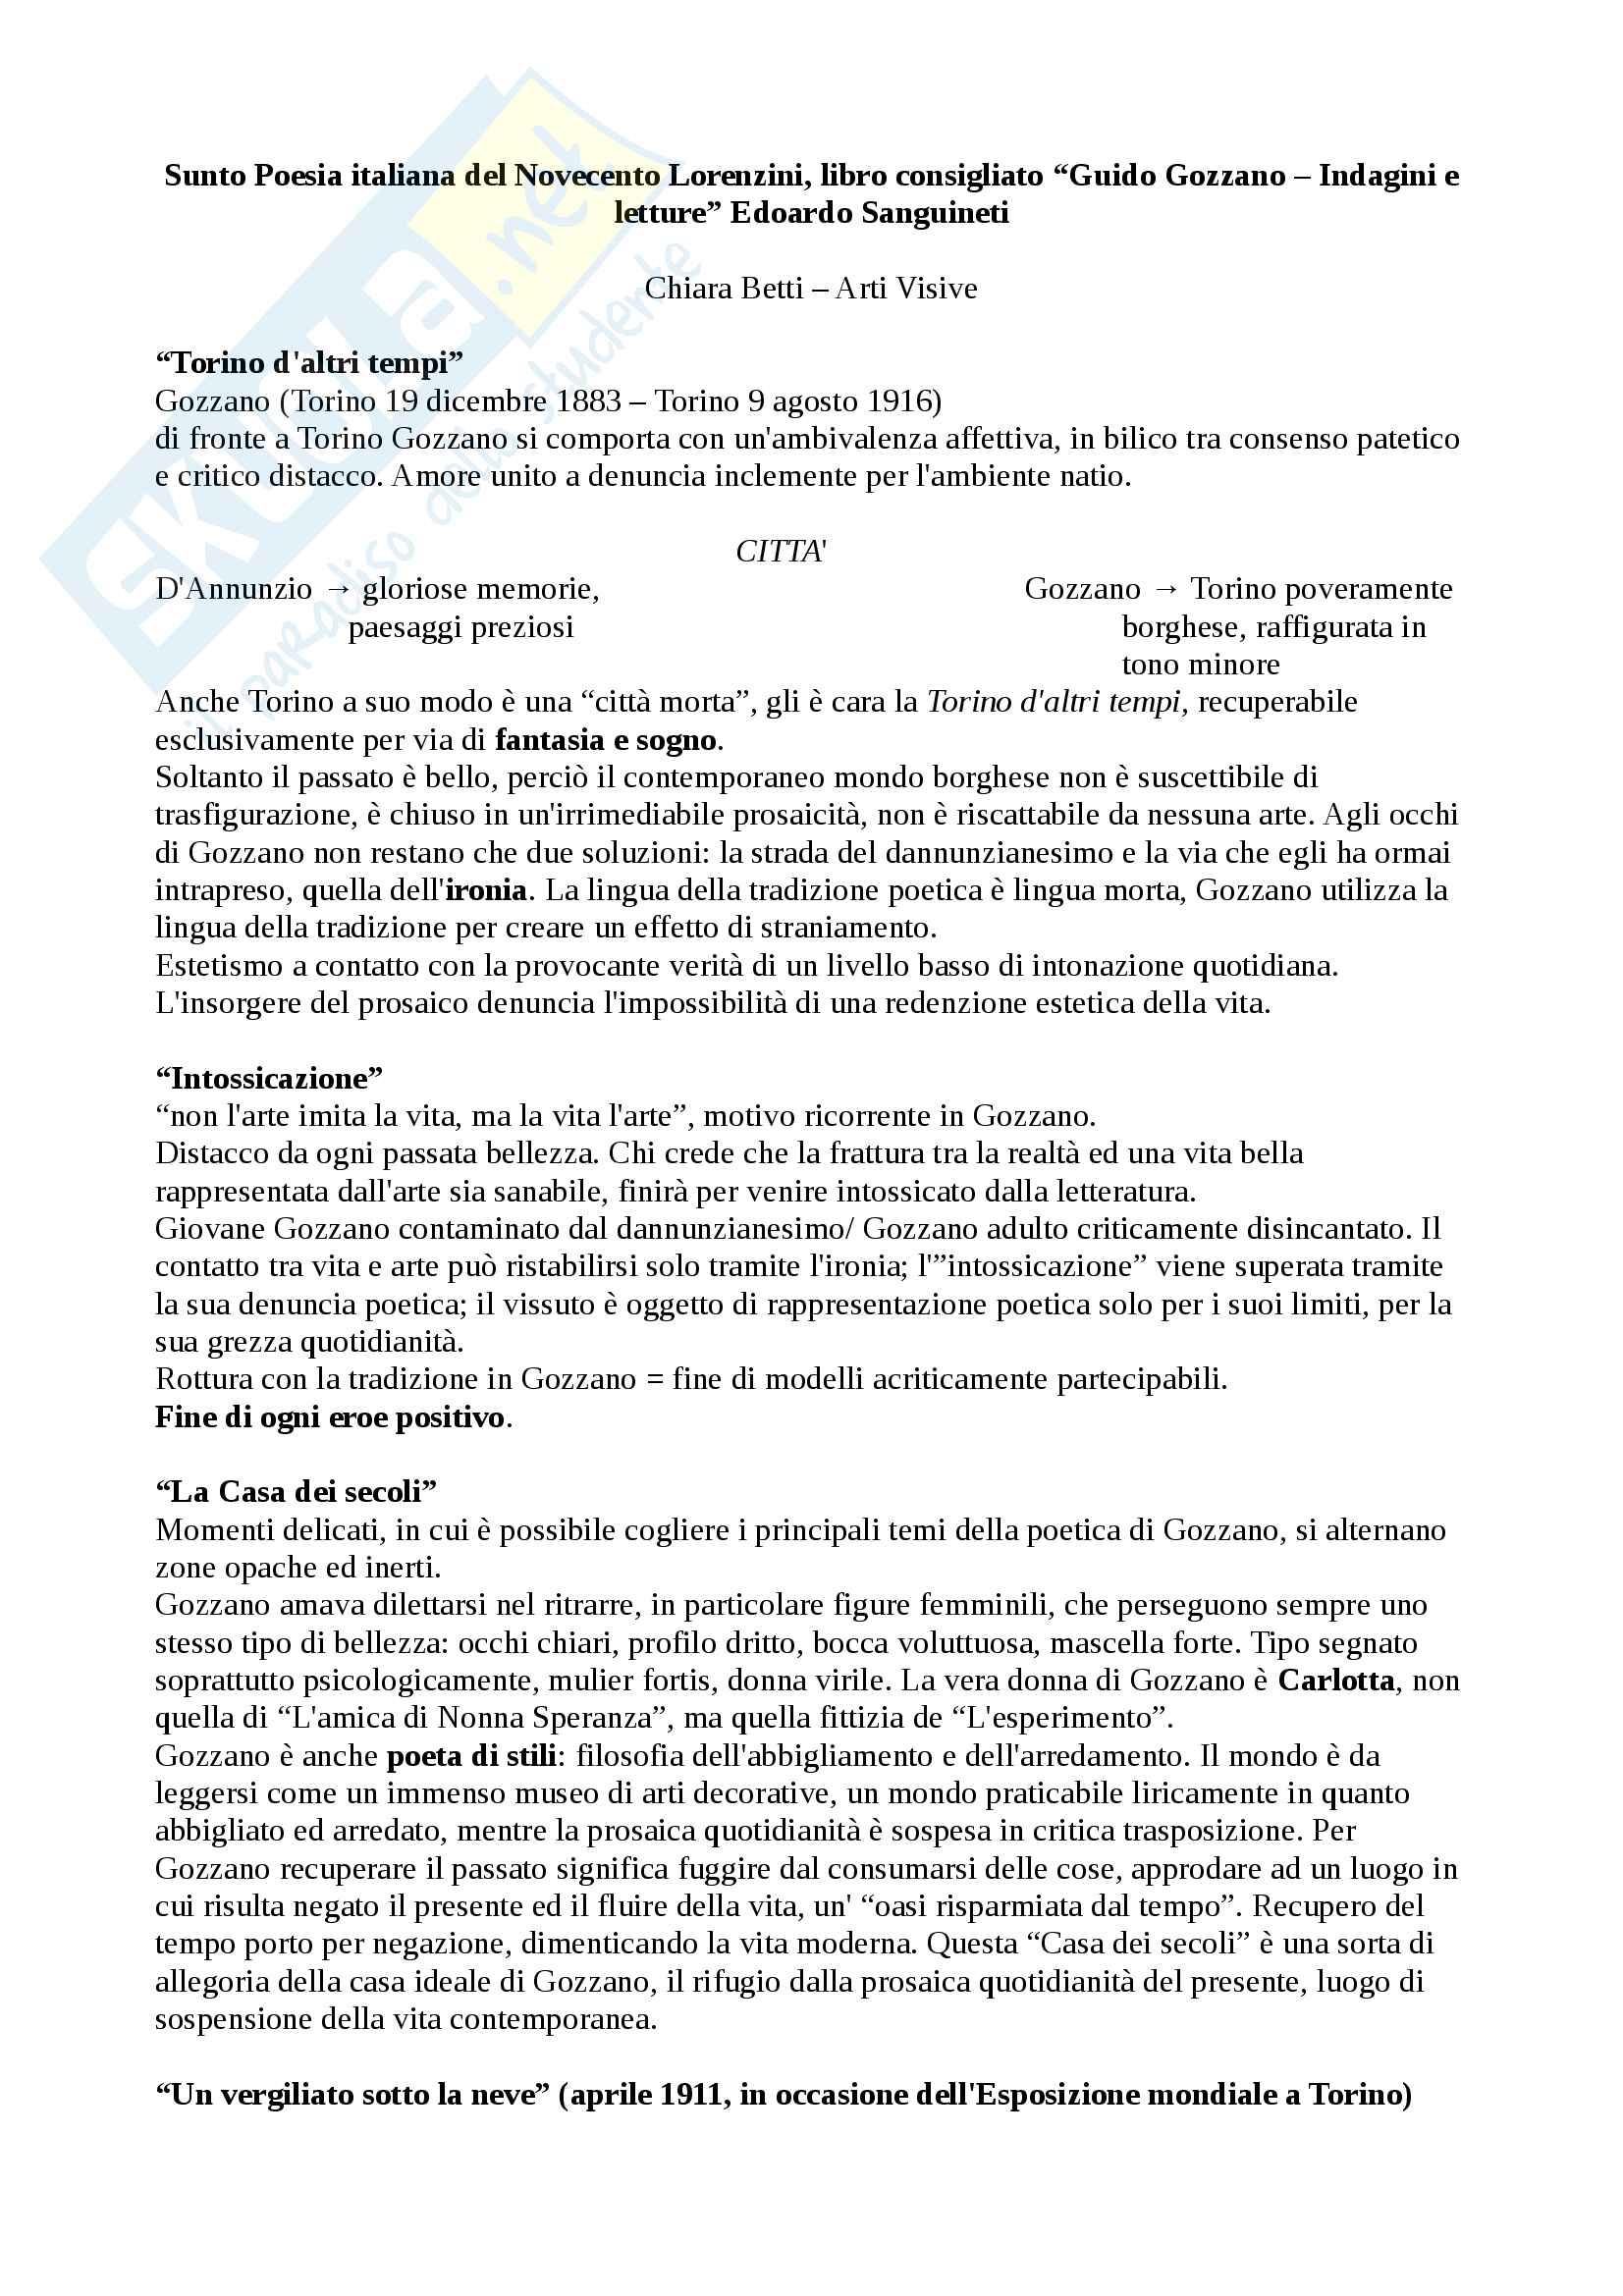 """Riassunto esame Poesia italiana del Novecento Lorenzini, libro consigliato """"Guido Gozzano"""" Sanguineti"""